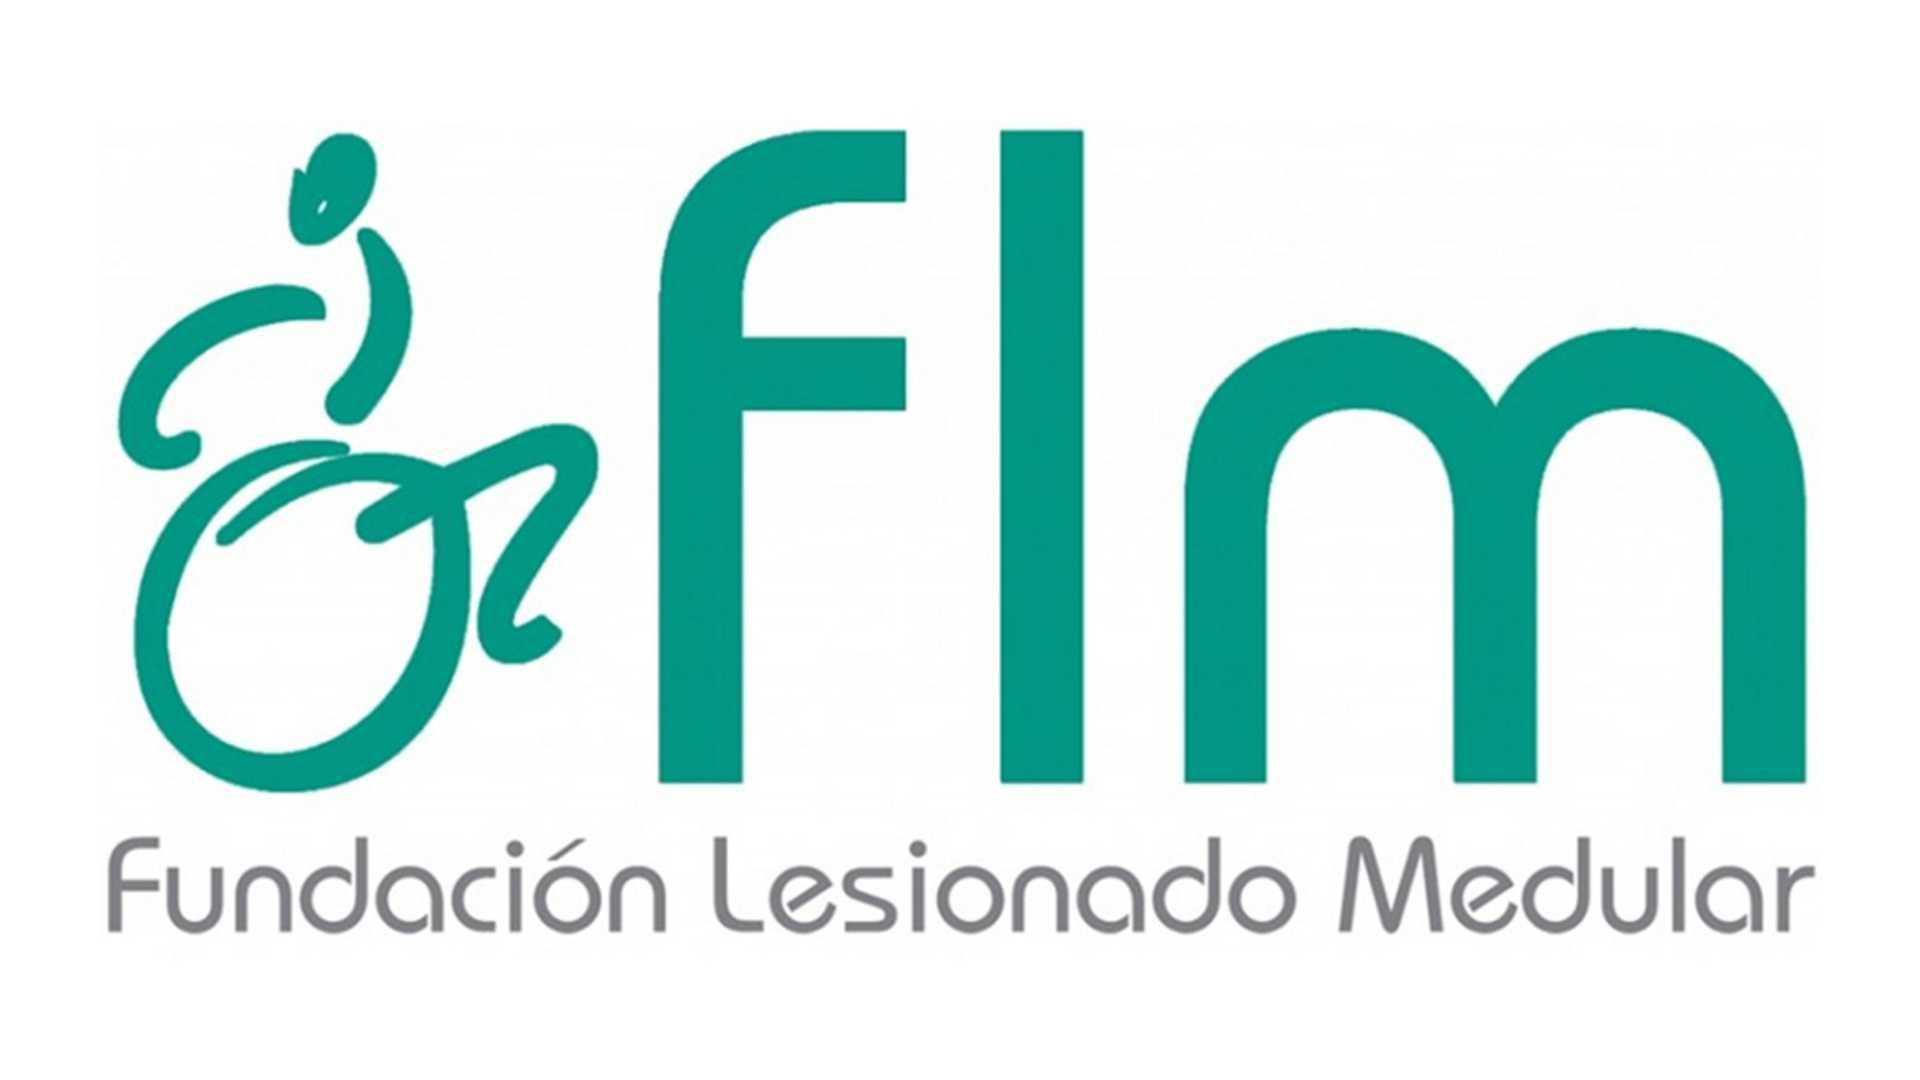 Equipamiento del Centro de Rehabilitación de la Fundación Lesionado Medular